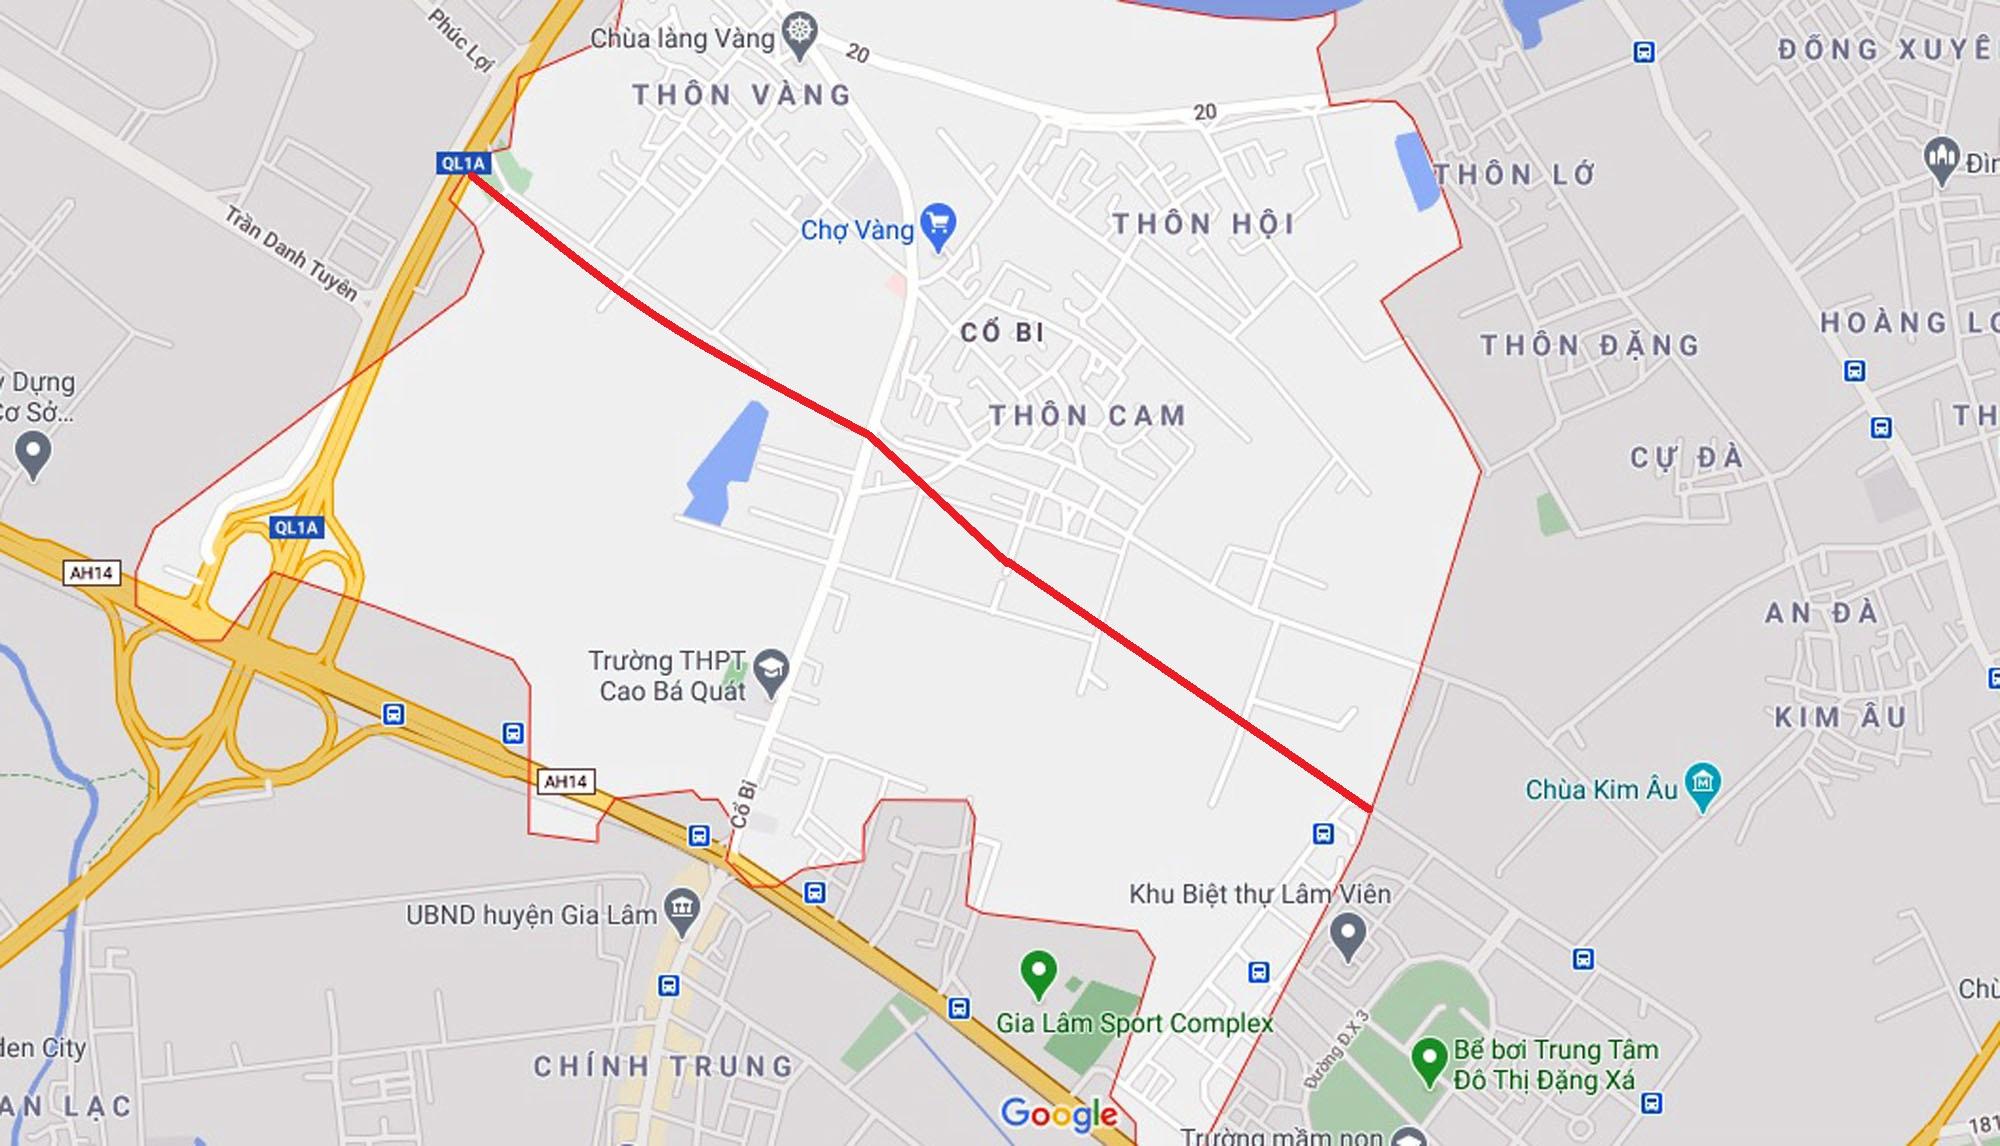 đường sẽ mở theo qui hoạch ở xã Cổ Bi, Gia Lâm, Hà Nội - Ảnh 2.